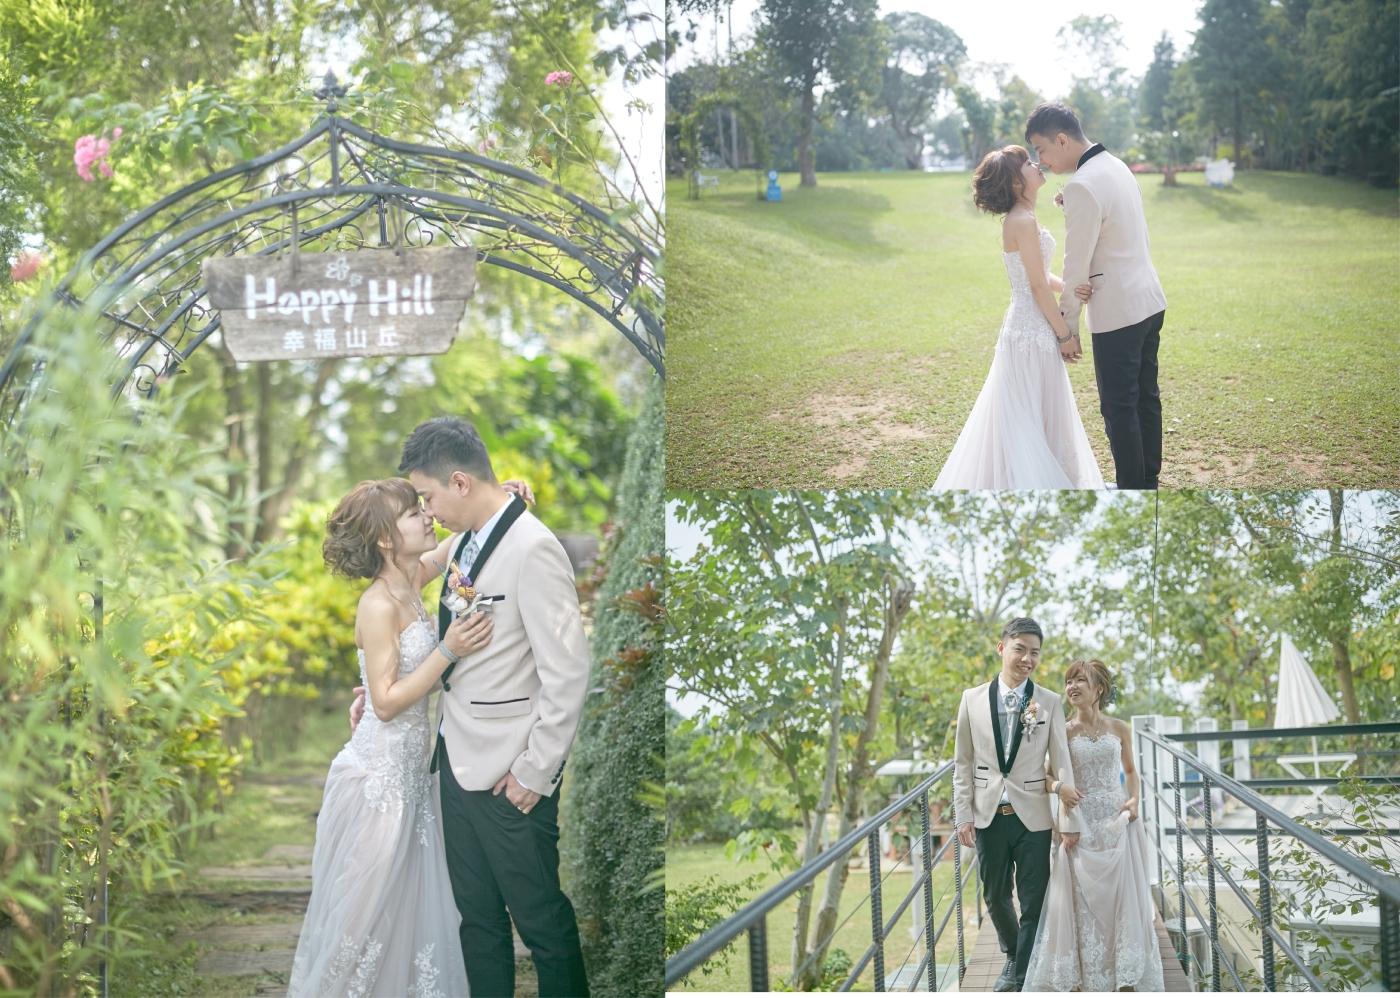 西式證婚流程|戶外證婚流程|婚禮流程|婚禮流程表|西式草坪婚禮|戶外證婚時間|嘉義戶外證婚|嘉義婚佈推薦|憶起幸福|幸福山丘|新人交換誓詞|婚禮類婚紗拍攝